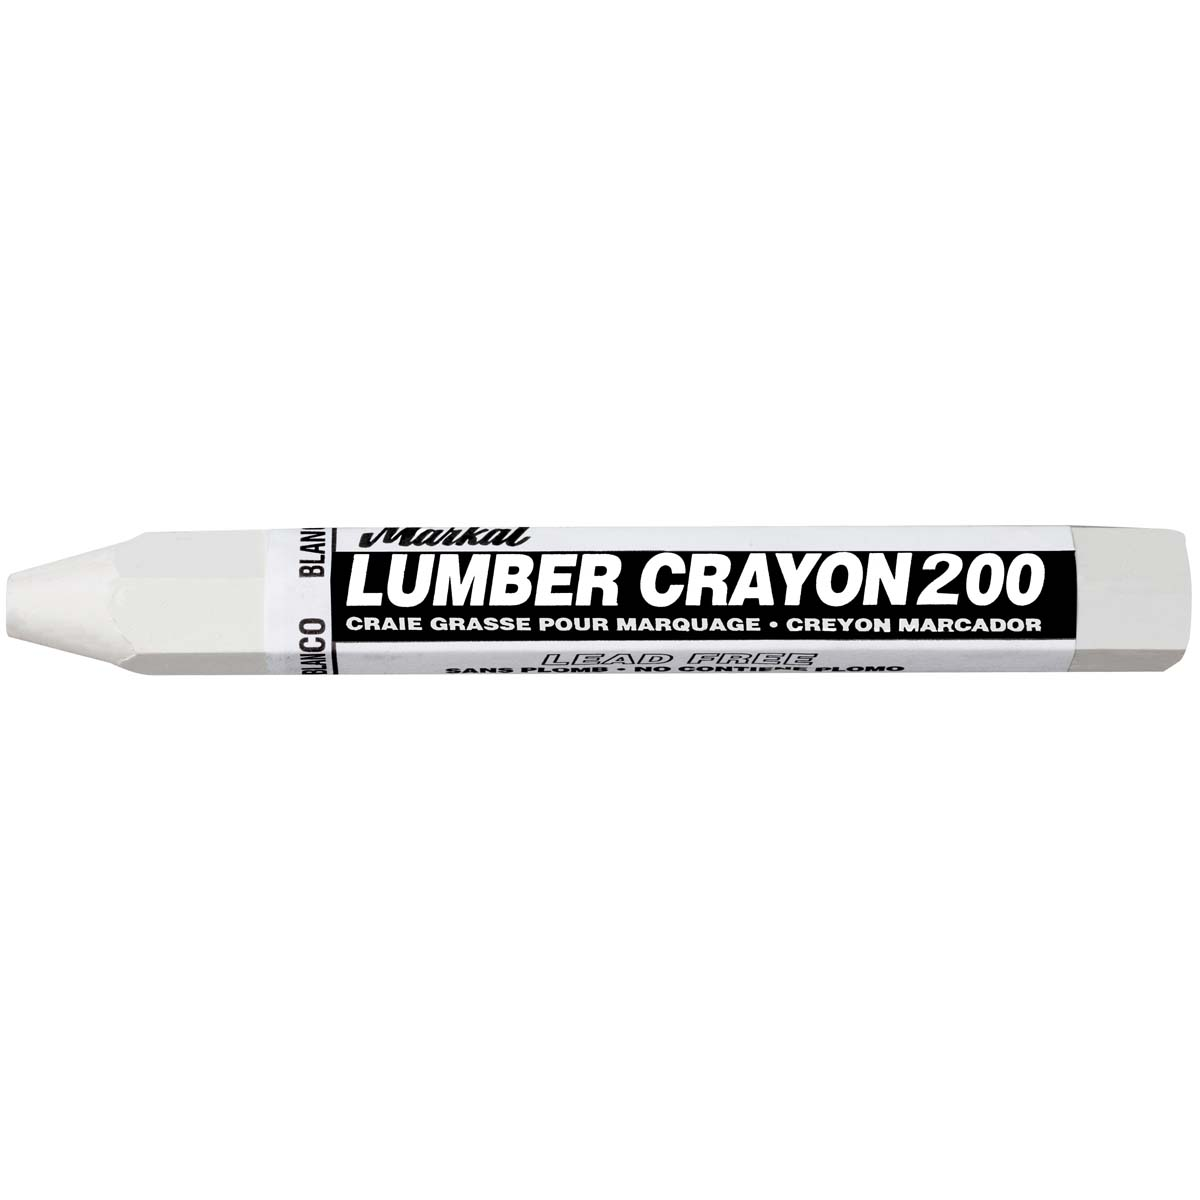 Lumber Crayon 200, White